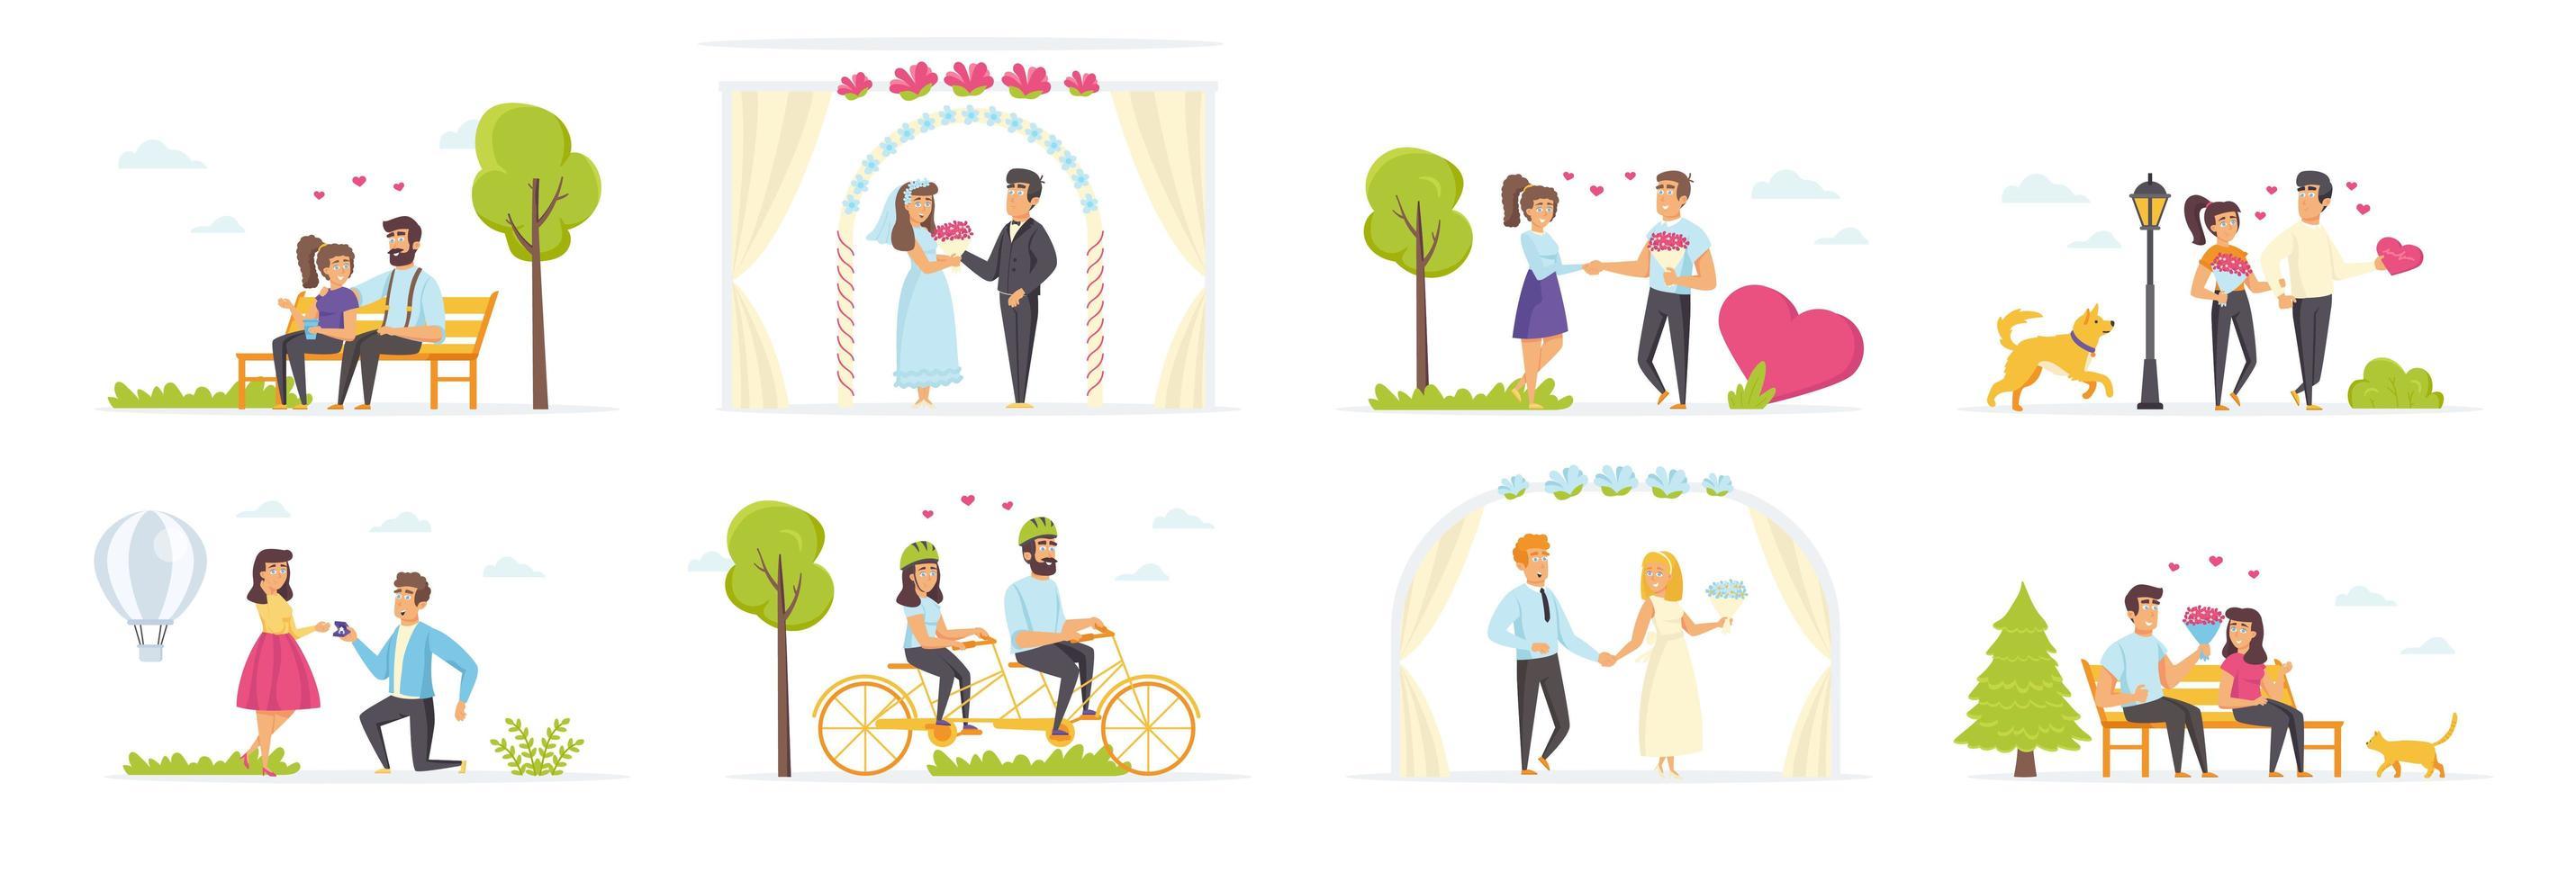 casal apaixonado com personagens de pessoas vetor